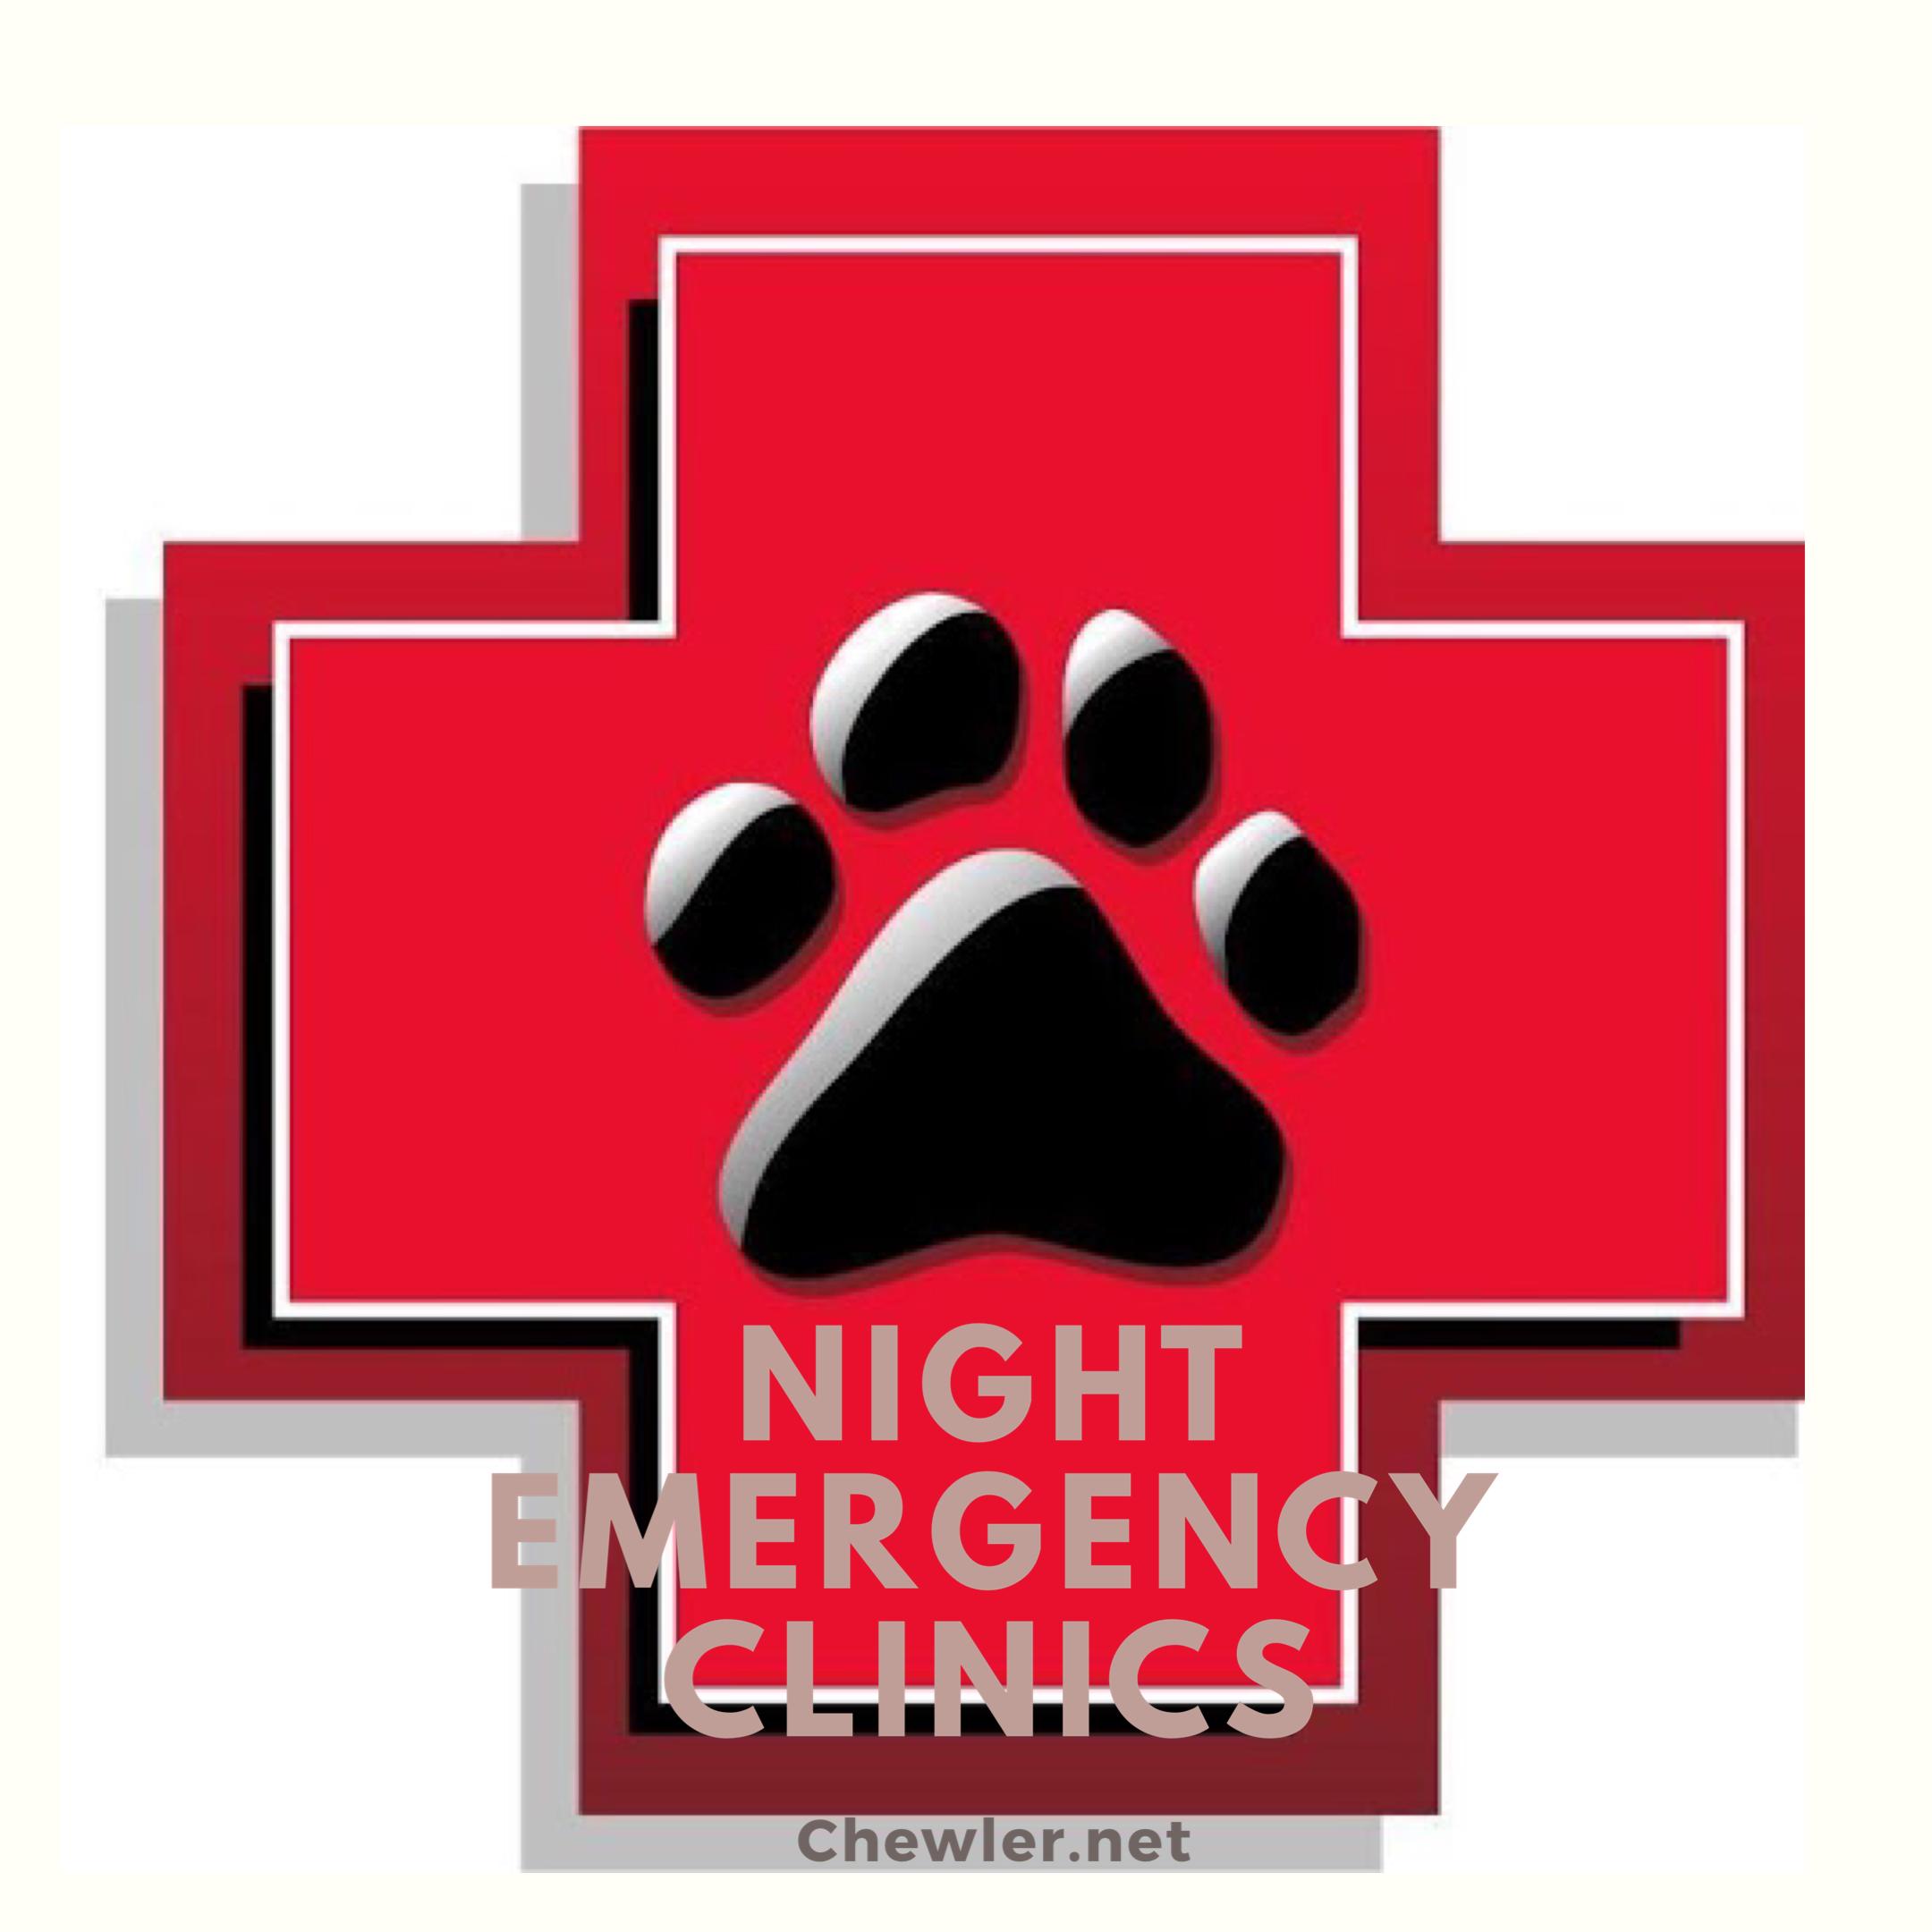 全台夜間動物醫院急診名單